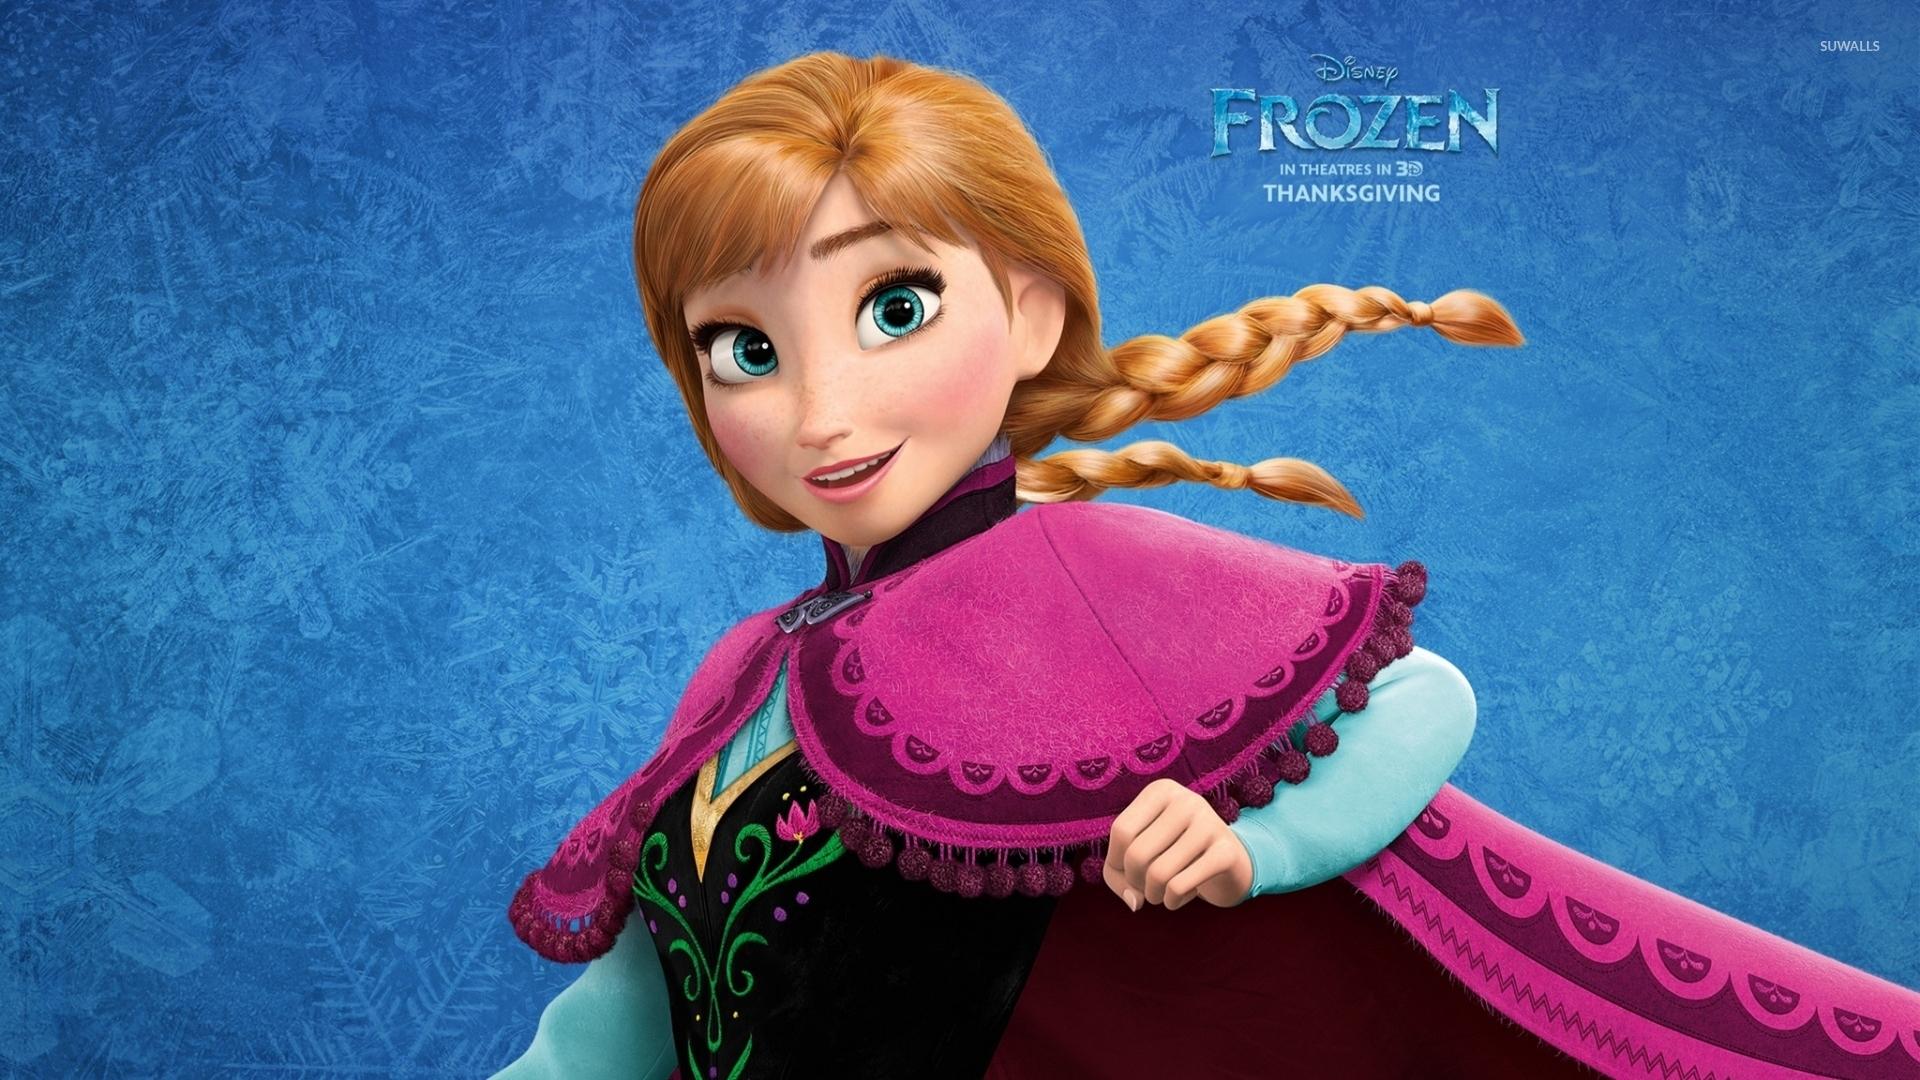 Falls Hd Wallpaper Free Download Anna Frozen 5 Wallpaper Cartoon Wallpapers 32659